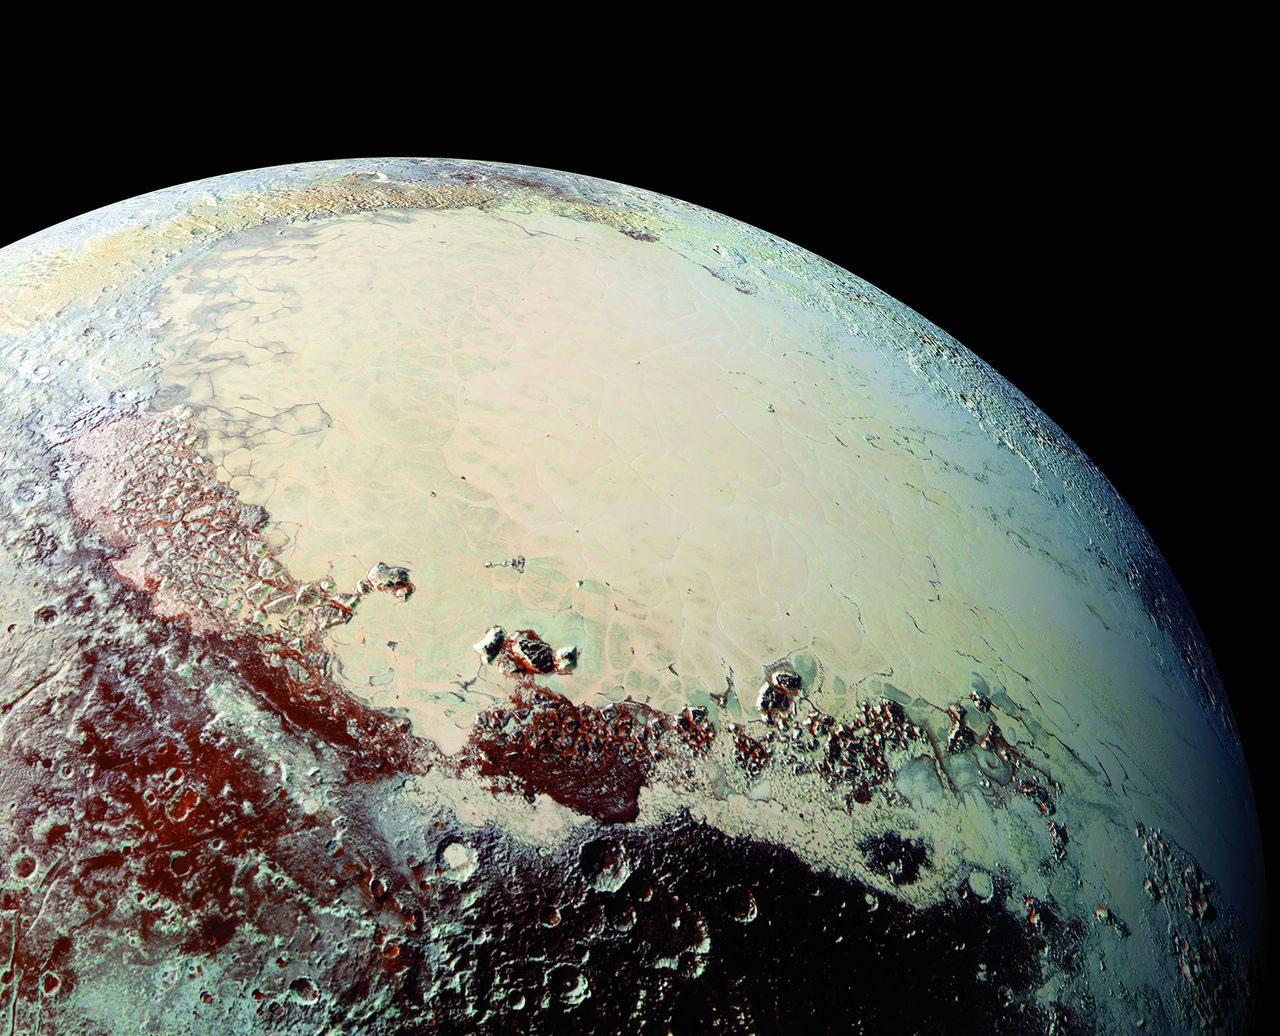 最新照片显示冥王星表面色彩丰富